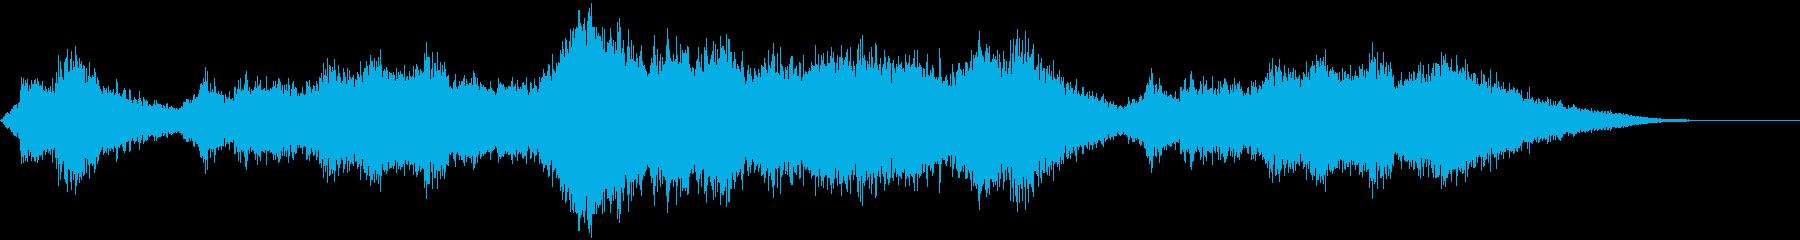 微妙な色調のソフトテクスチャ微妙な...の再生済みの波形